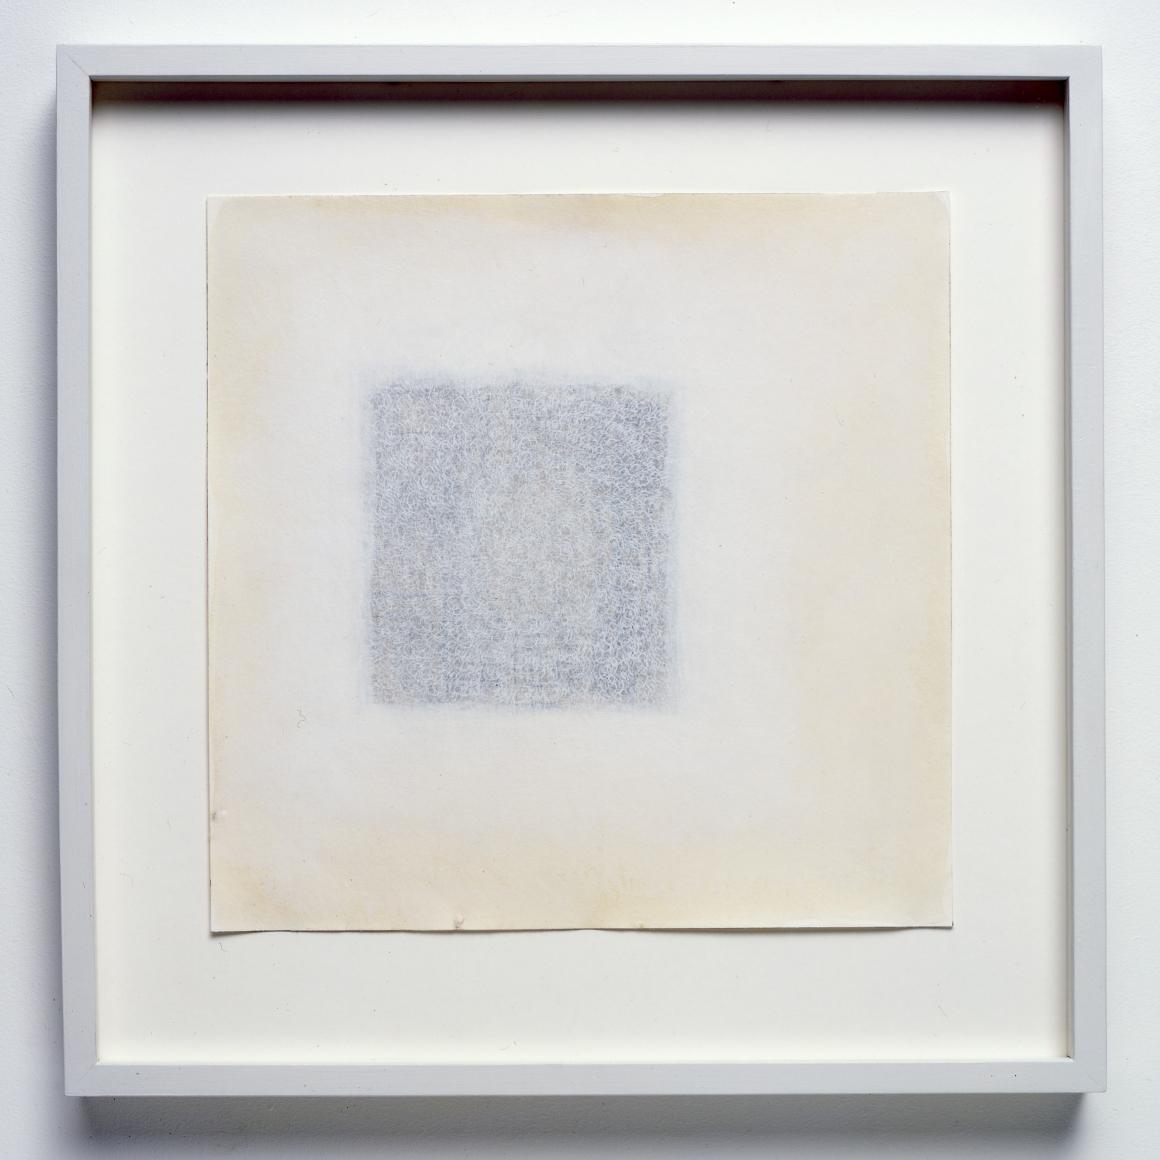 SHIRAZEH HOUSHIARY, Untitled (VI), 2003